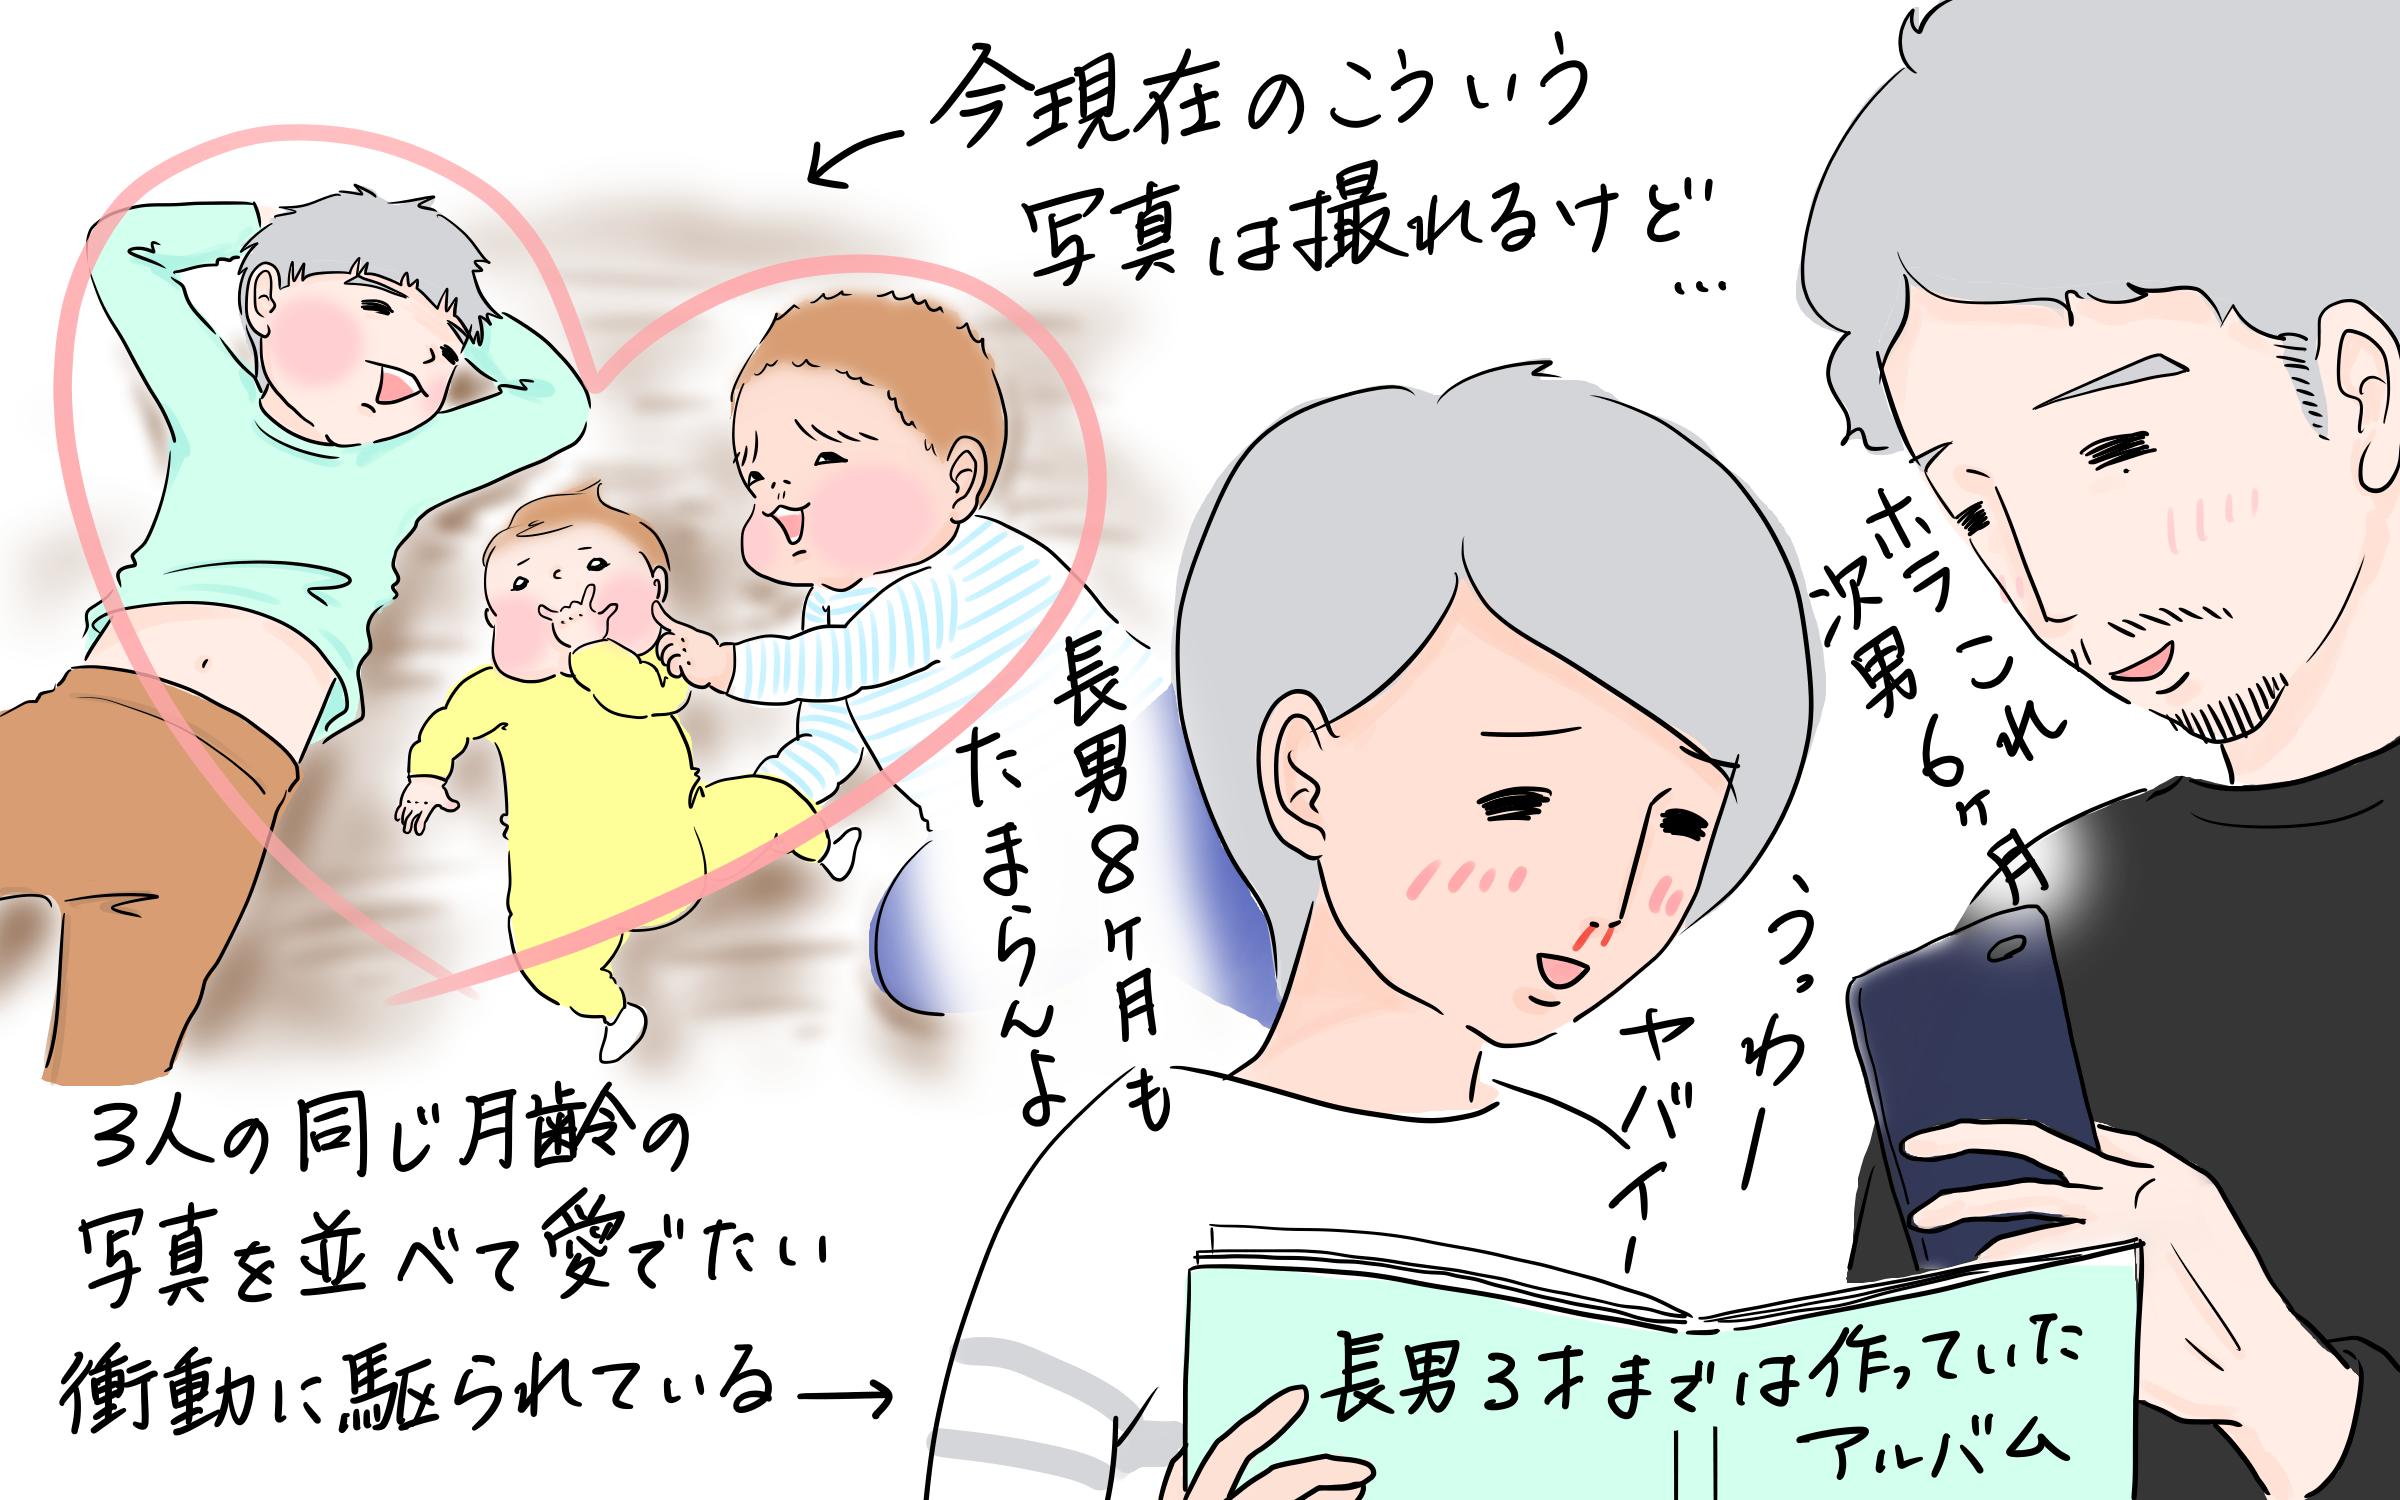 子どもの成長をまとめて整理できた!?   tomekkoが作る技ありフォトブック